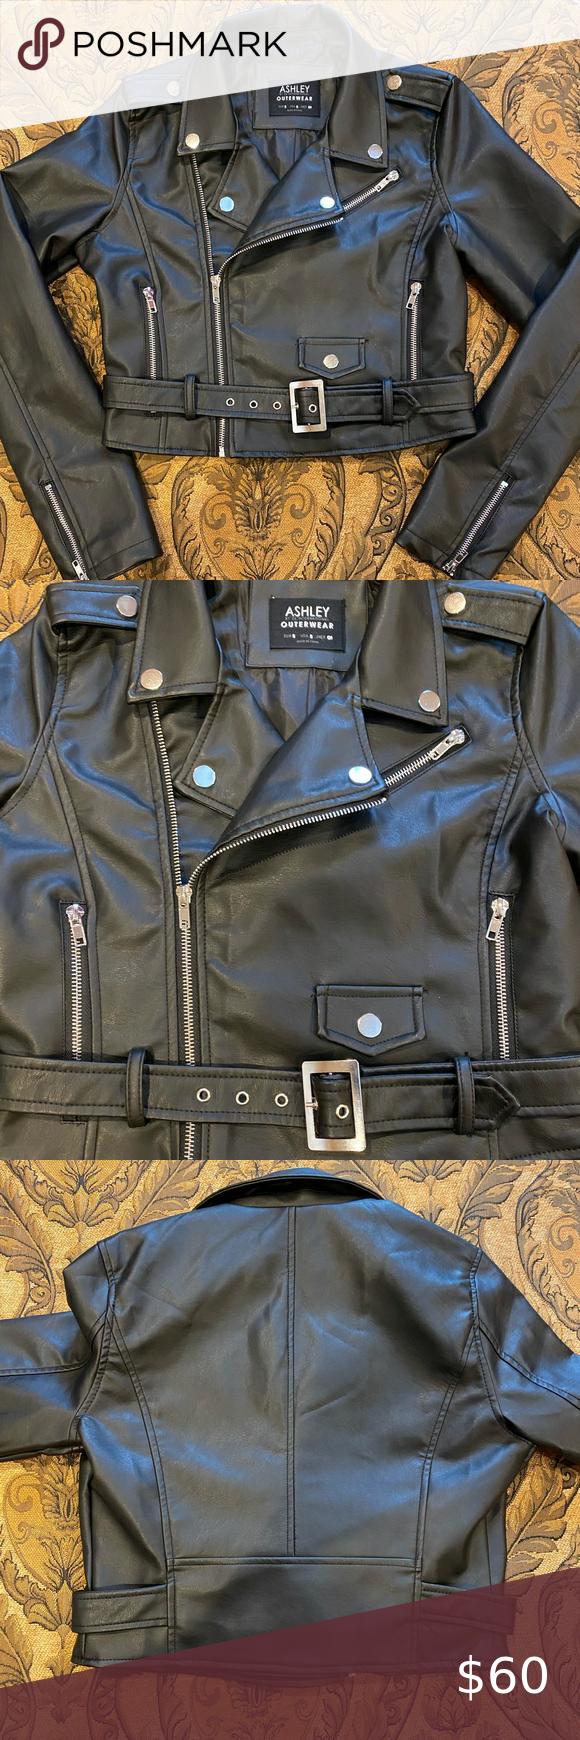 Ashley 26 International Brenda Moto Jacket Clothes Design Cropped Moto Jacket Jackets [ 1740 x 580 Pixel ]